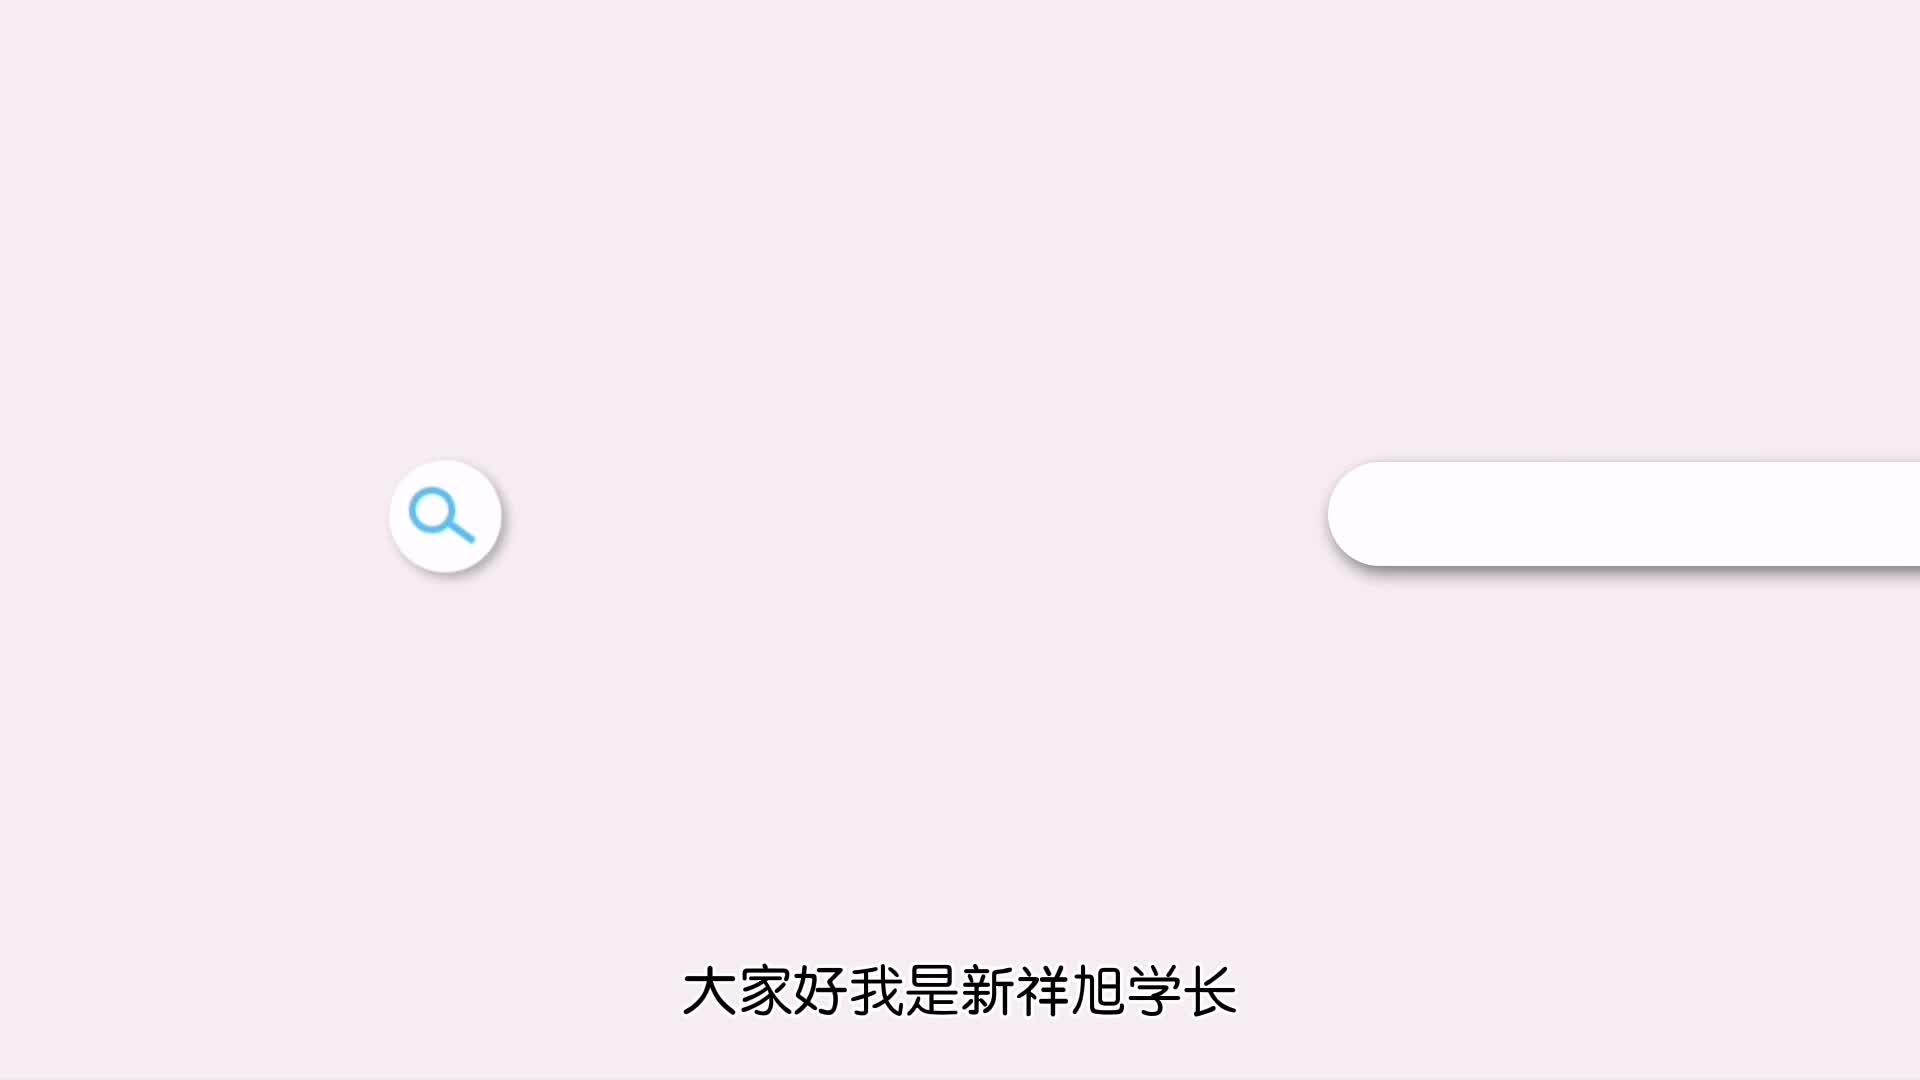 北京师范大学生物学考研成功经验分享.mp4